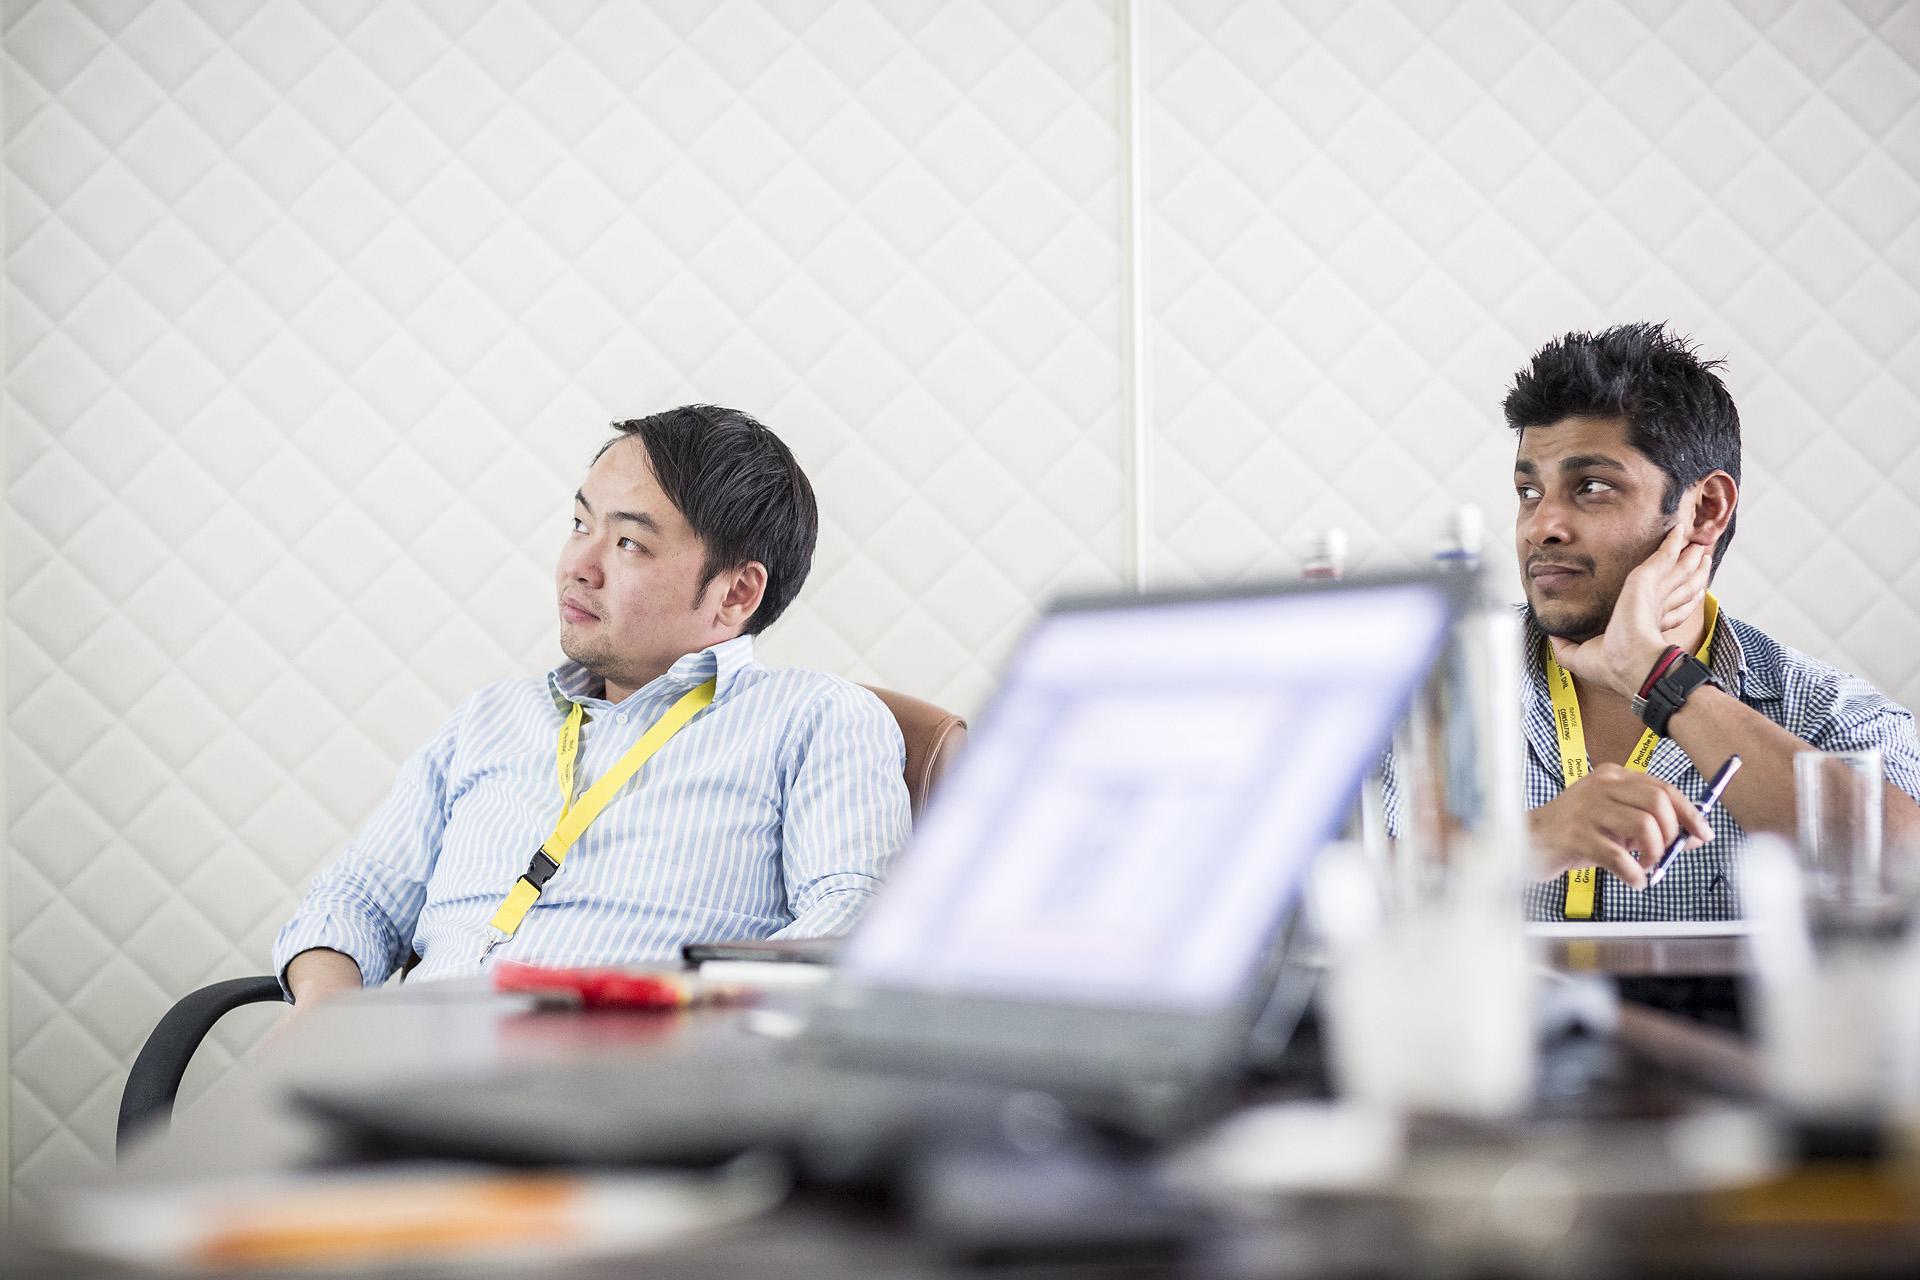 NLD, Noordwijk, 20.08.2015, DPDHL Inhouse consulting, Jahrestreffen